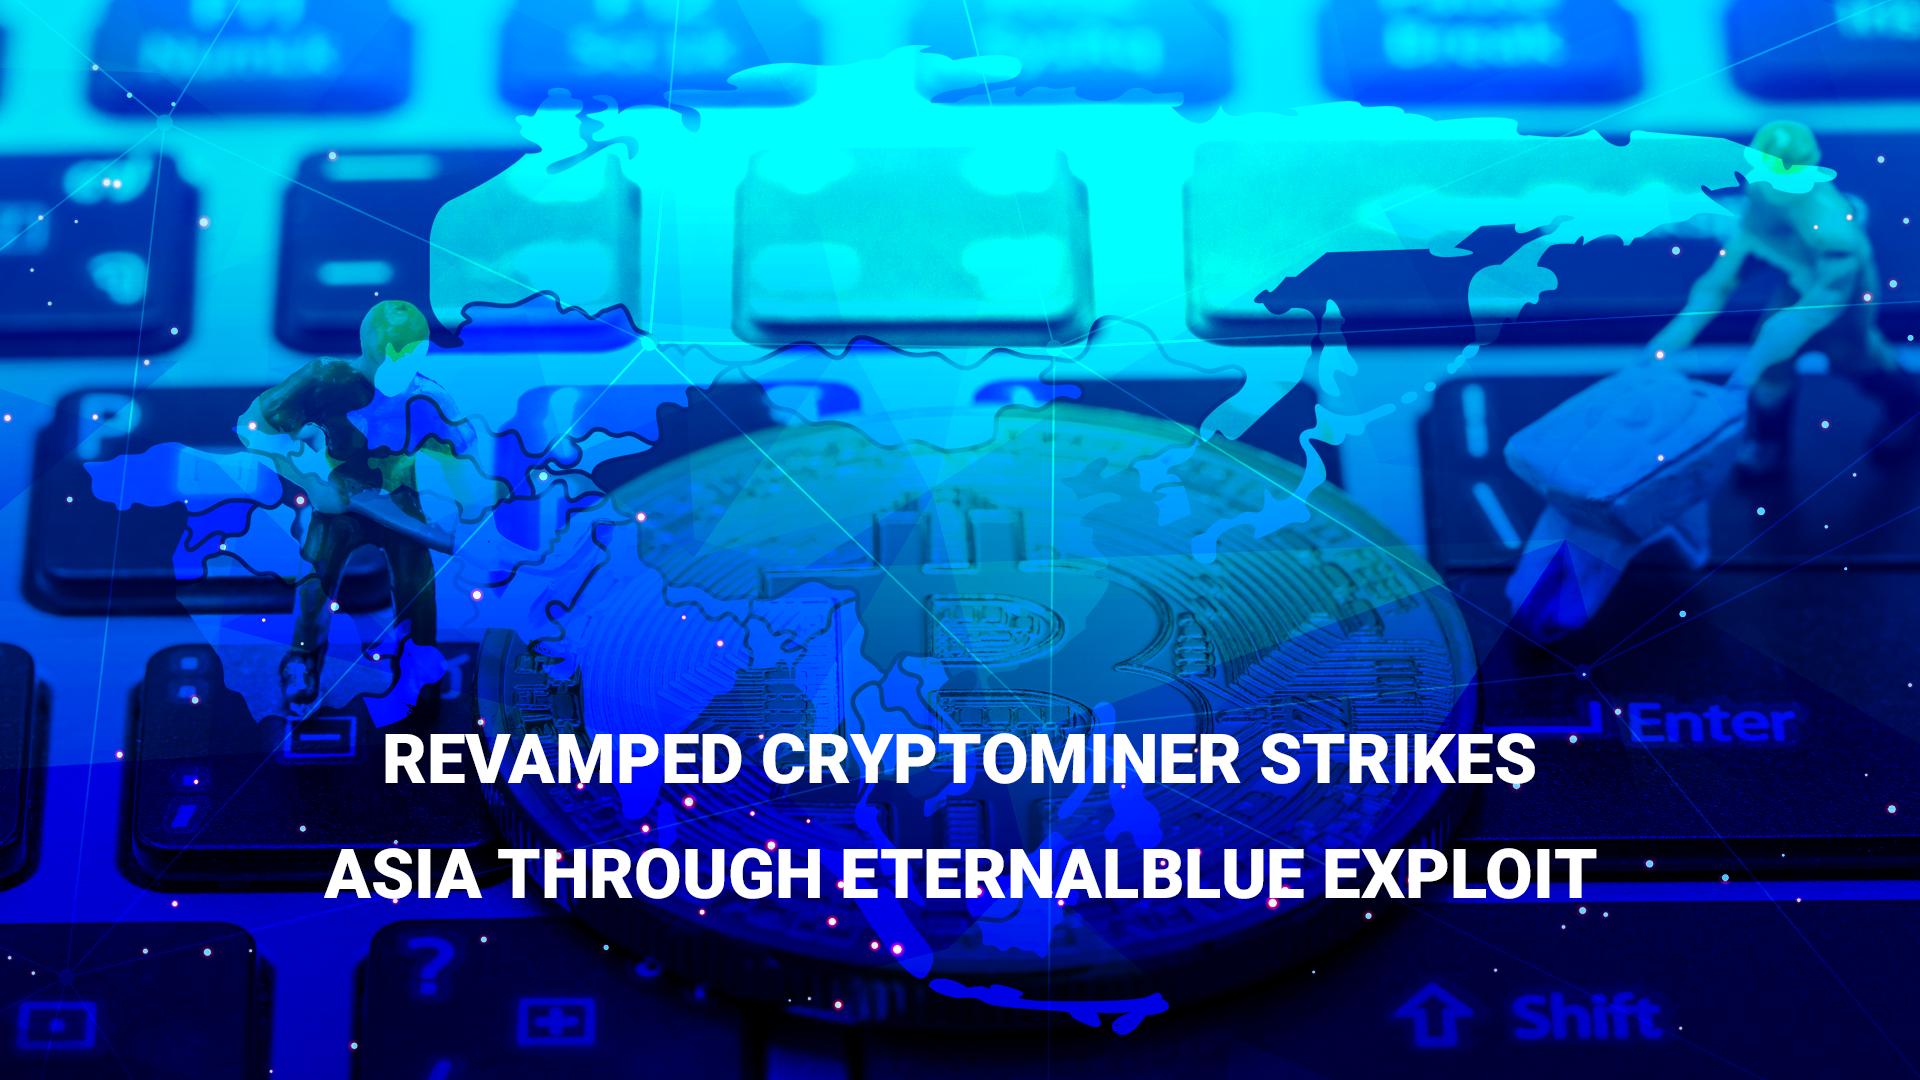 Revamped cryptominer strikes Asia through EternalBlue exploit